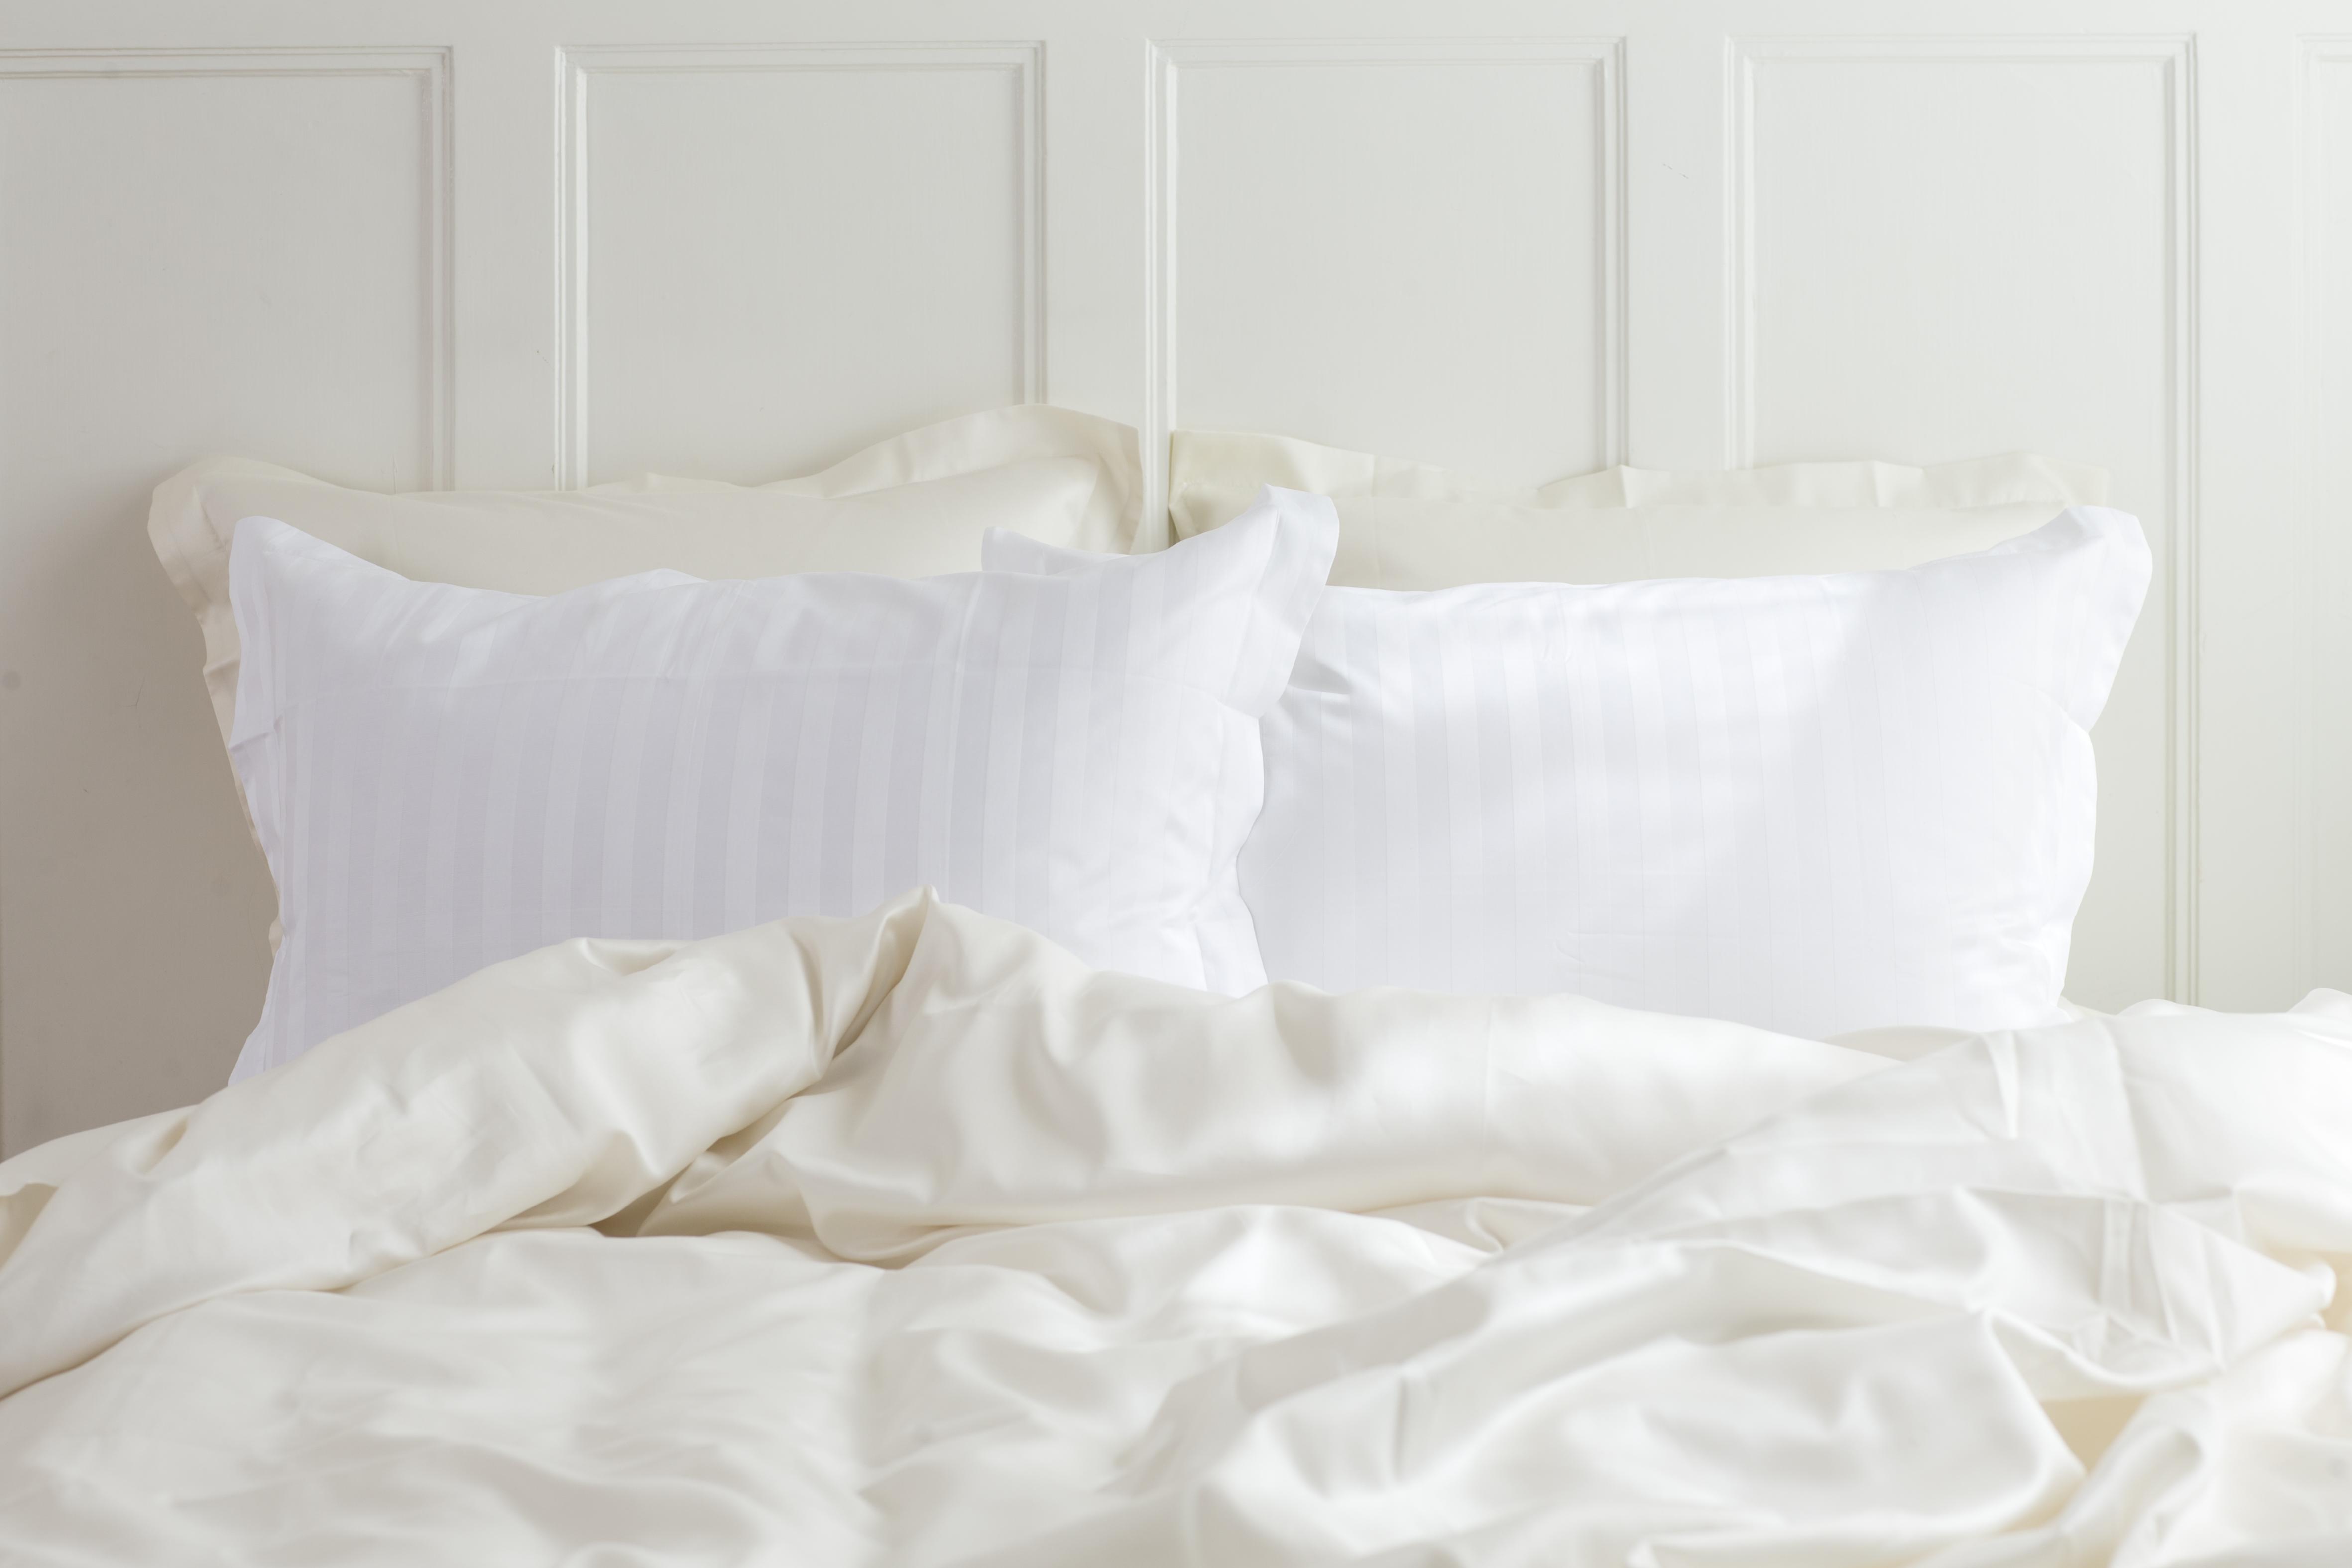 kopfkissenbezug satin von geismars aus feinster gyptischer baumwolle. Black Bedroom Furniture Sets. Home Design Ideas